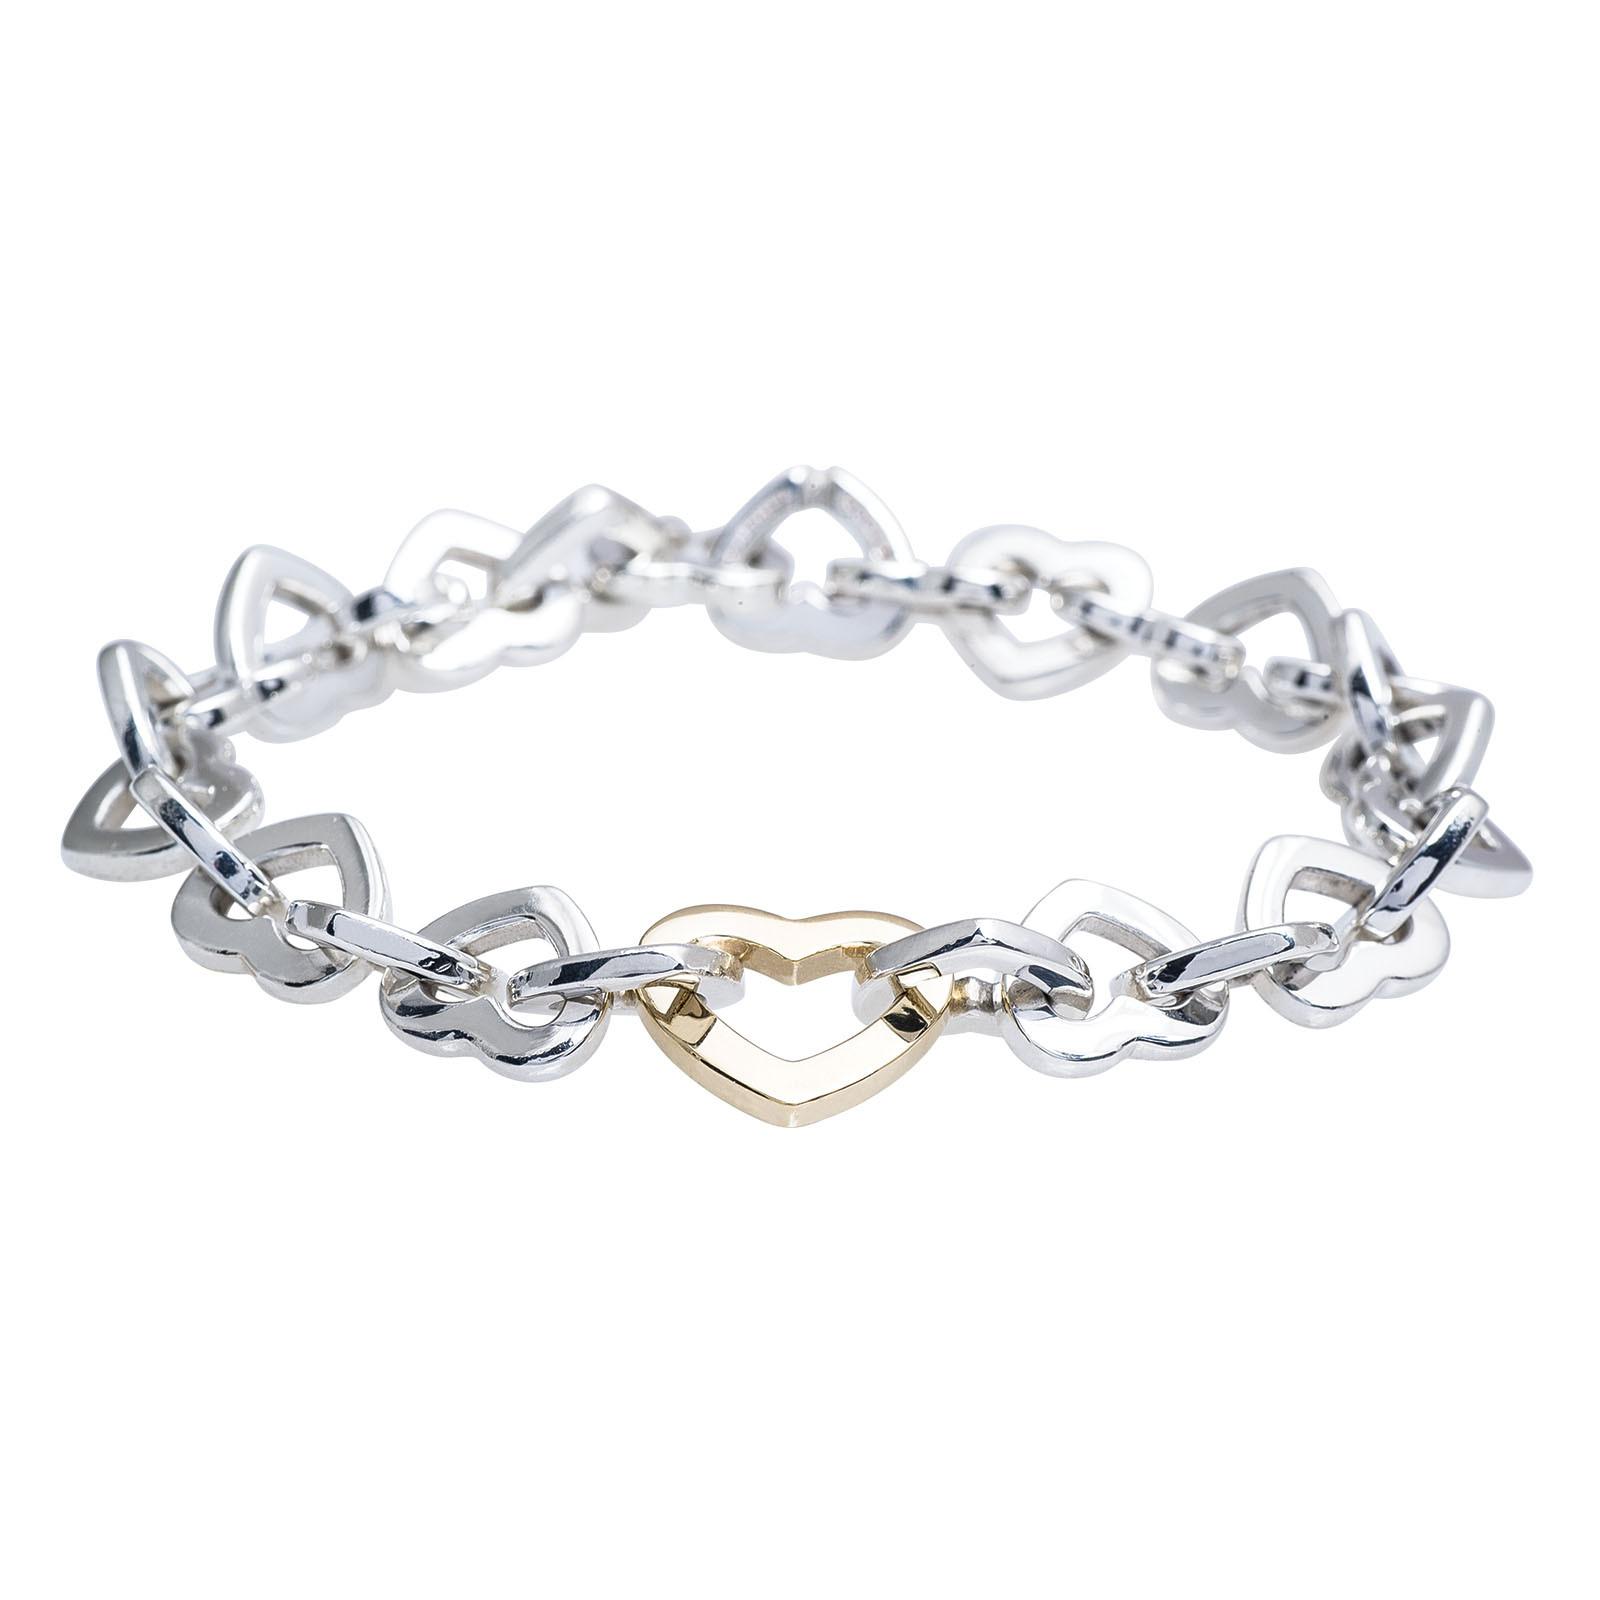 Vintage Tiffany & Co. Open Heart Link Bracelet